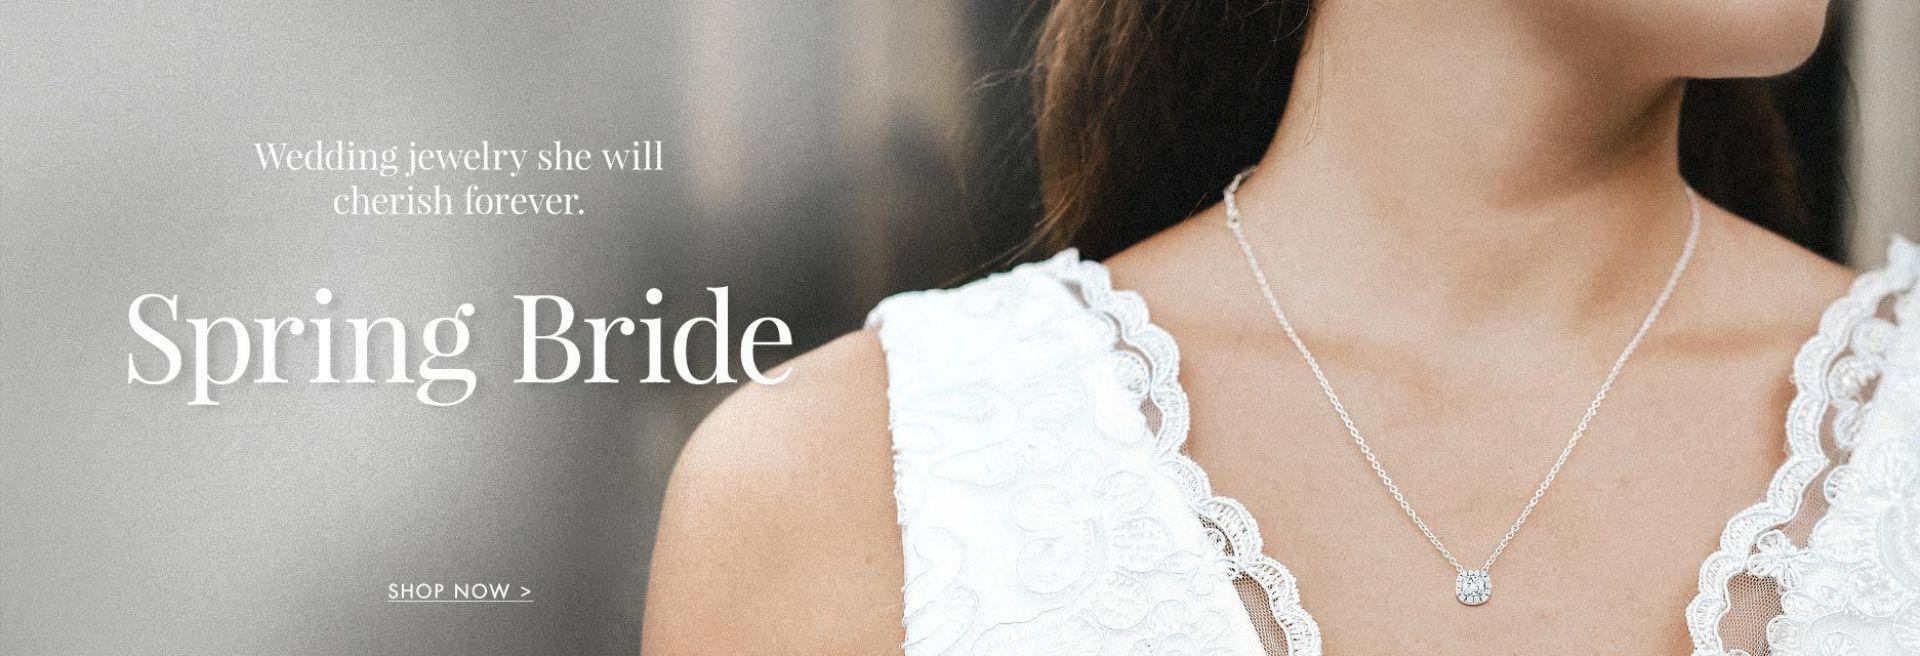 Wedding Jewelry She Will Cherish Forever